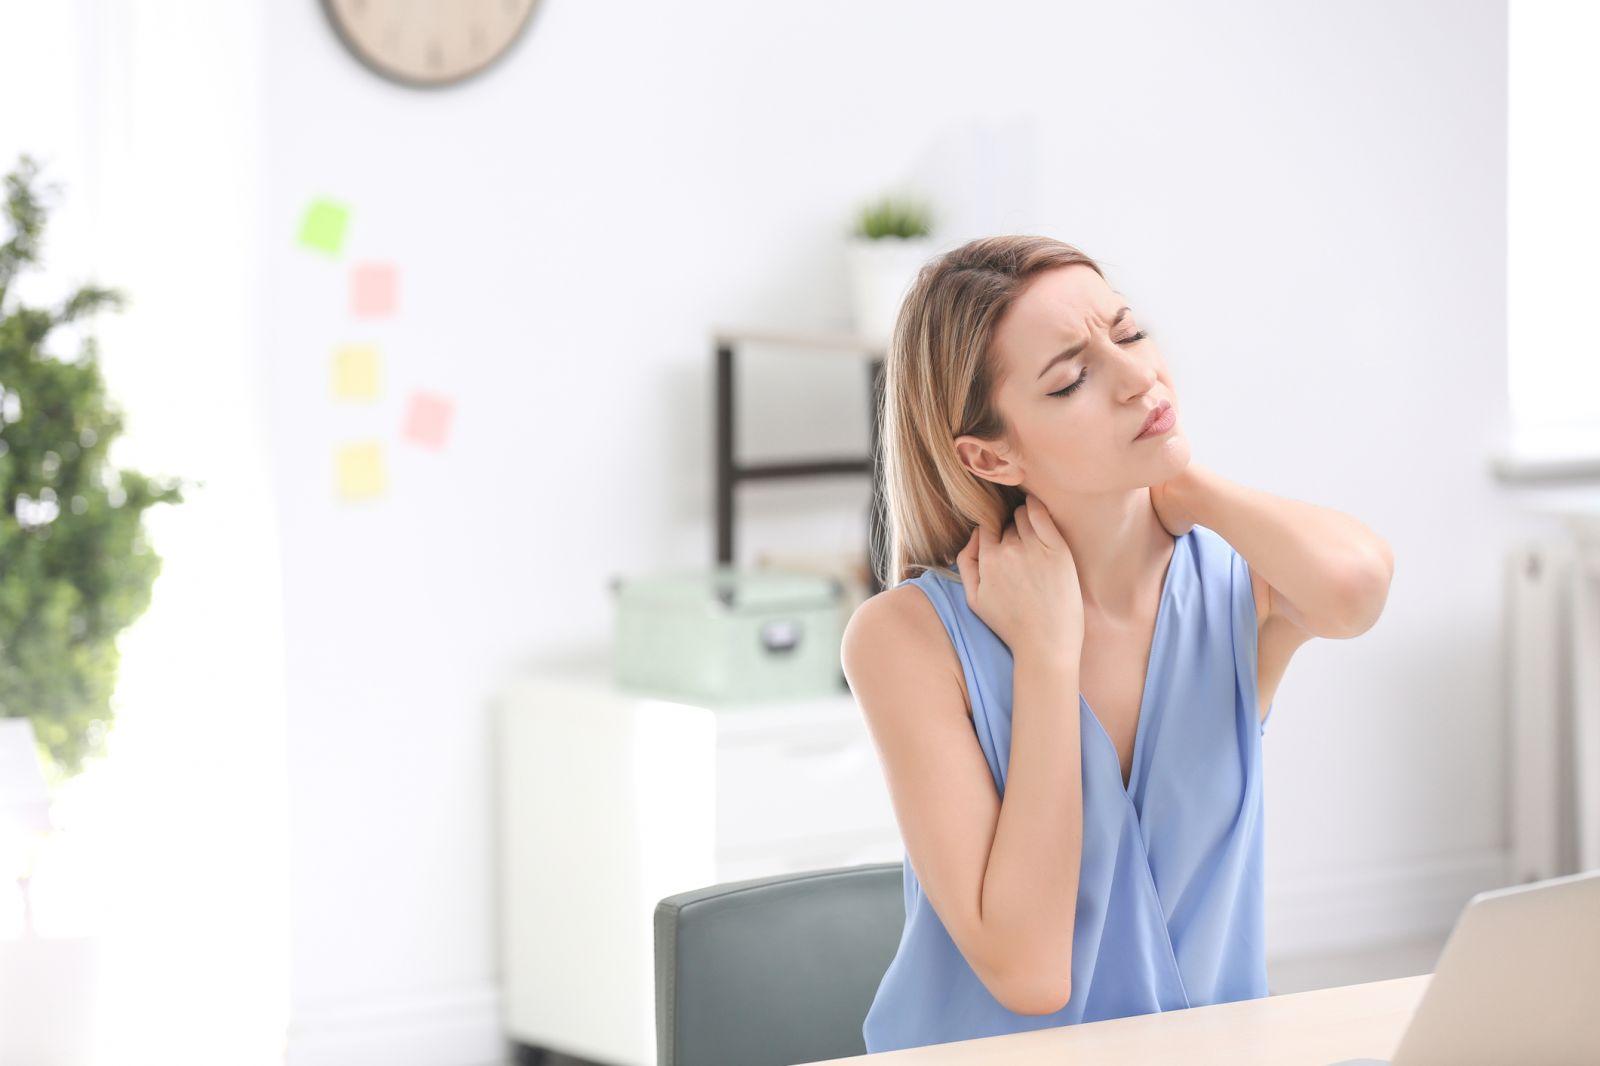 Fik nakkepine typer massager, der kan hjælpe elementer-6909